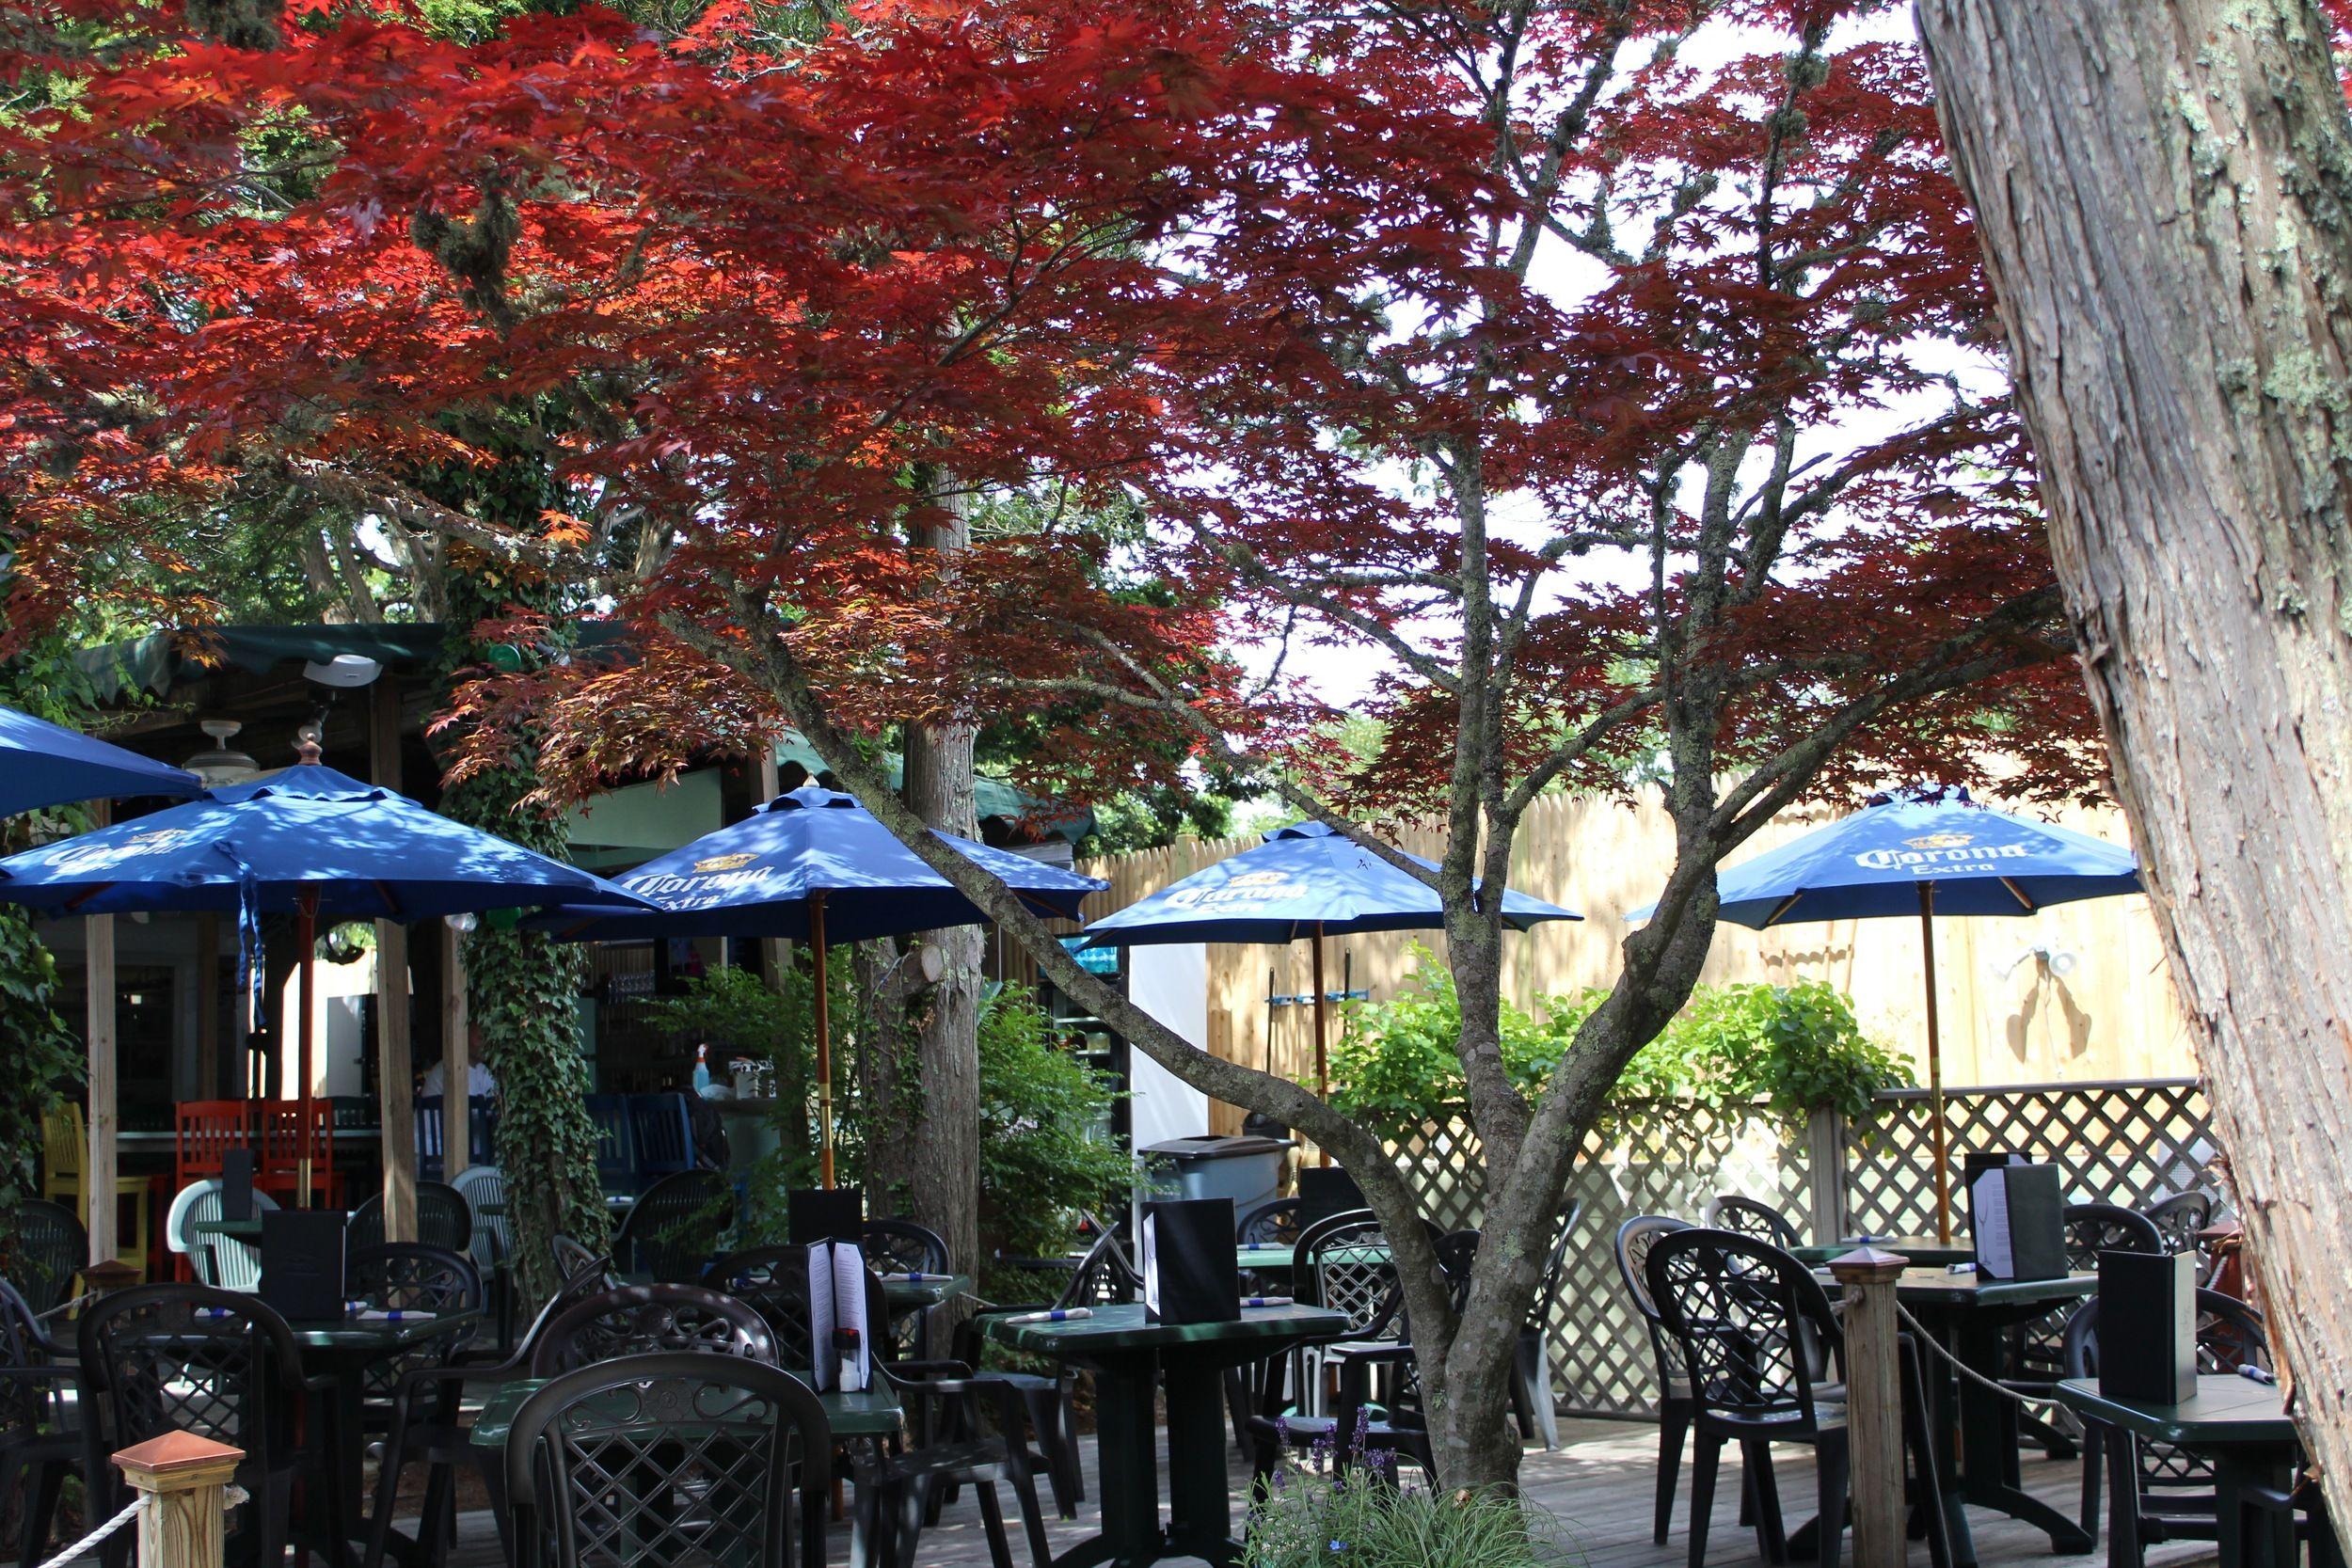 Img 1543 Jpg Patio Umbrella Outdoor Structures Outdoor